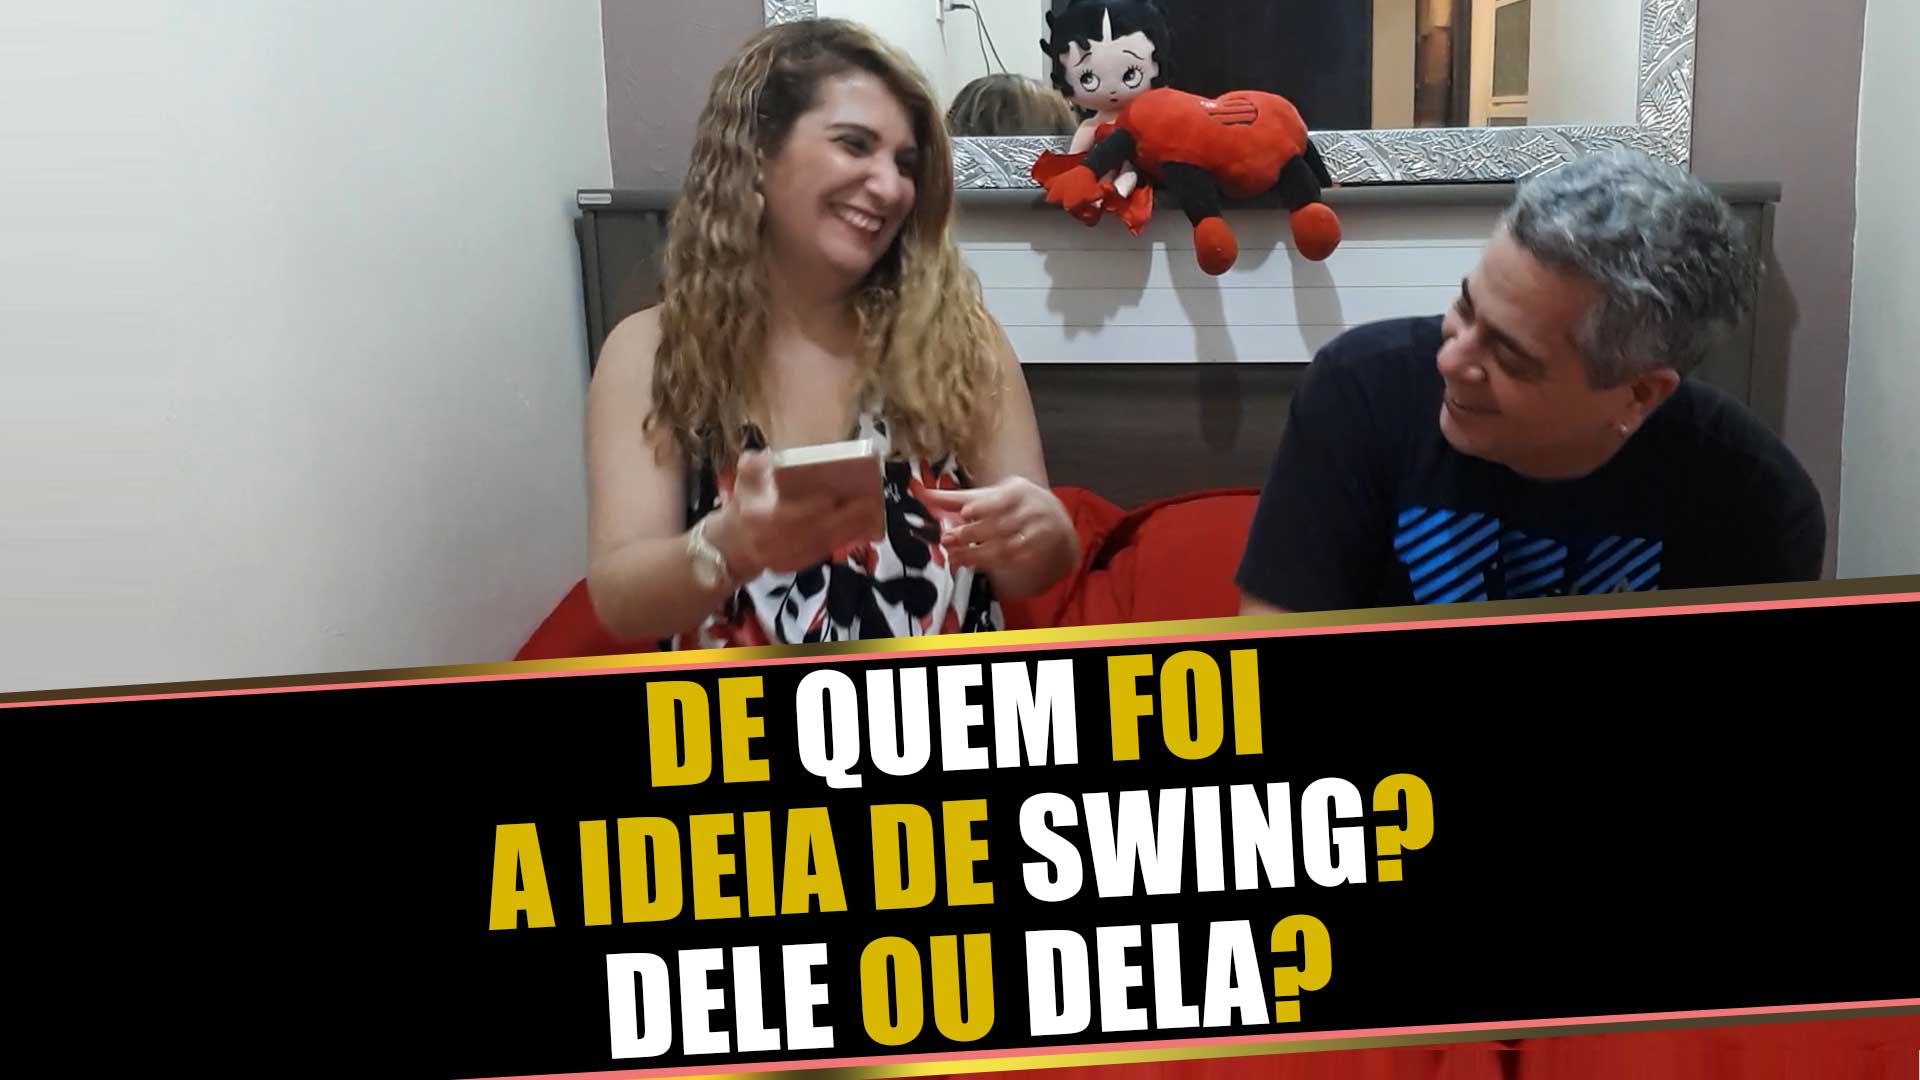 De quem foi a ideia para experimentar o swing? Dele ou Dela?